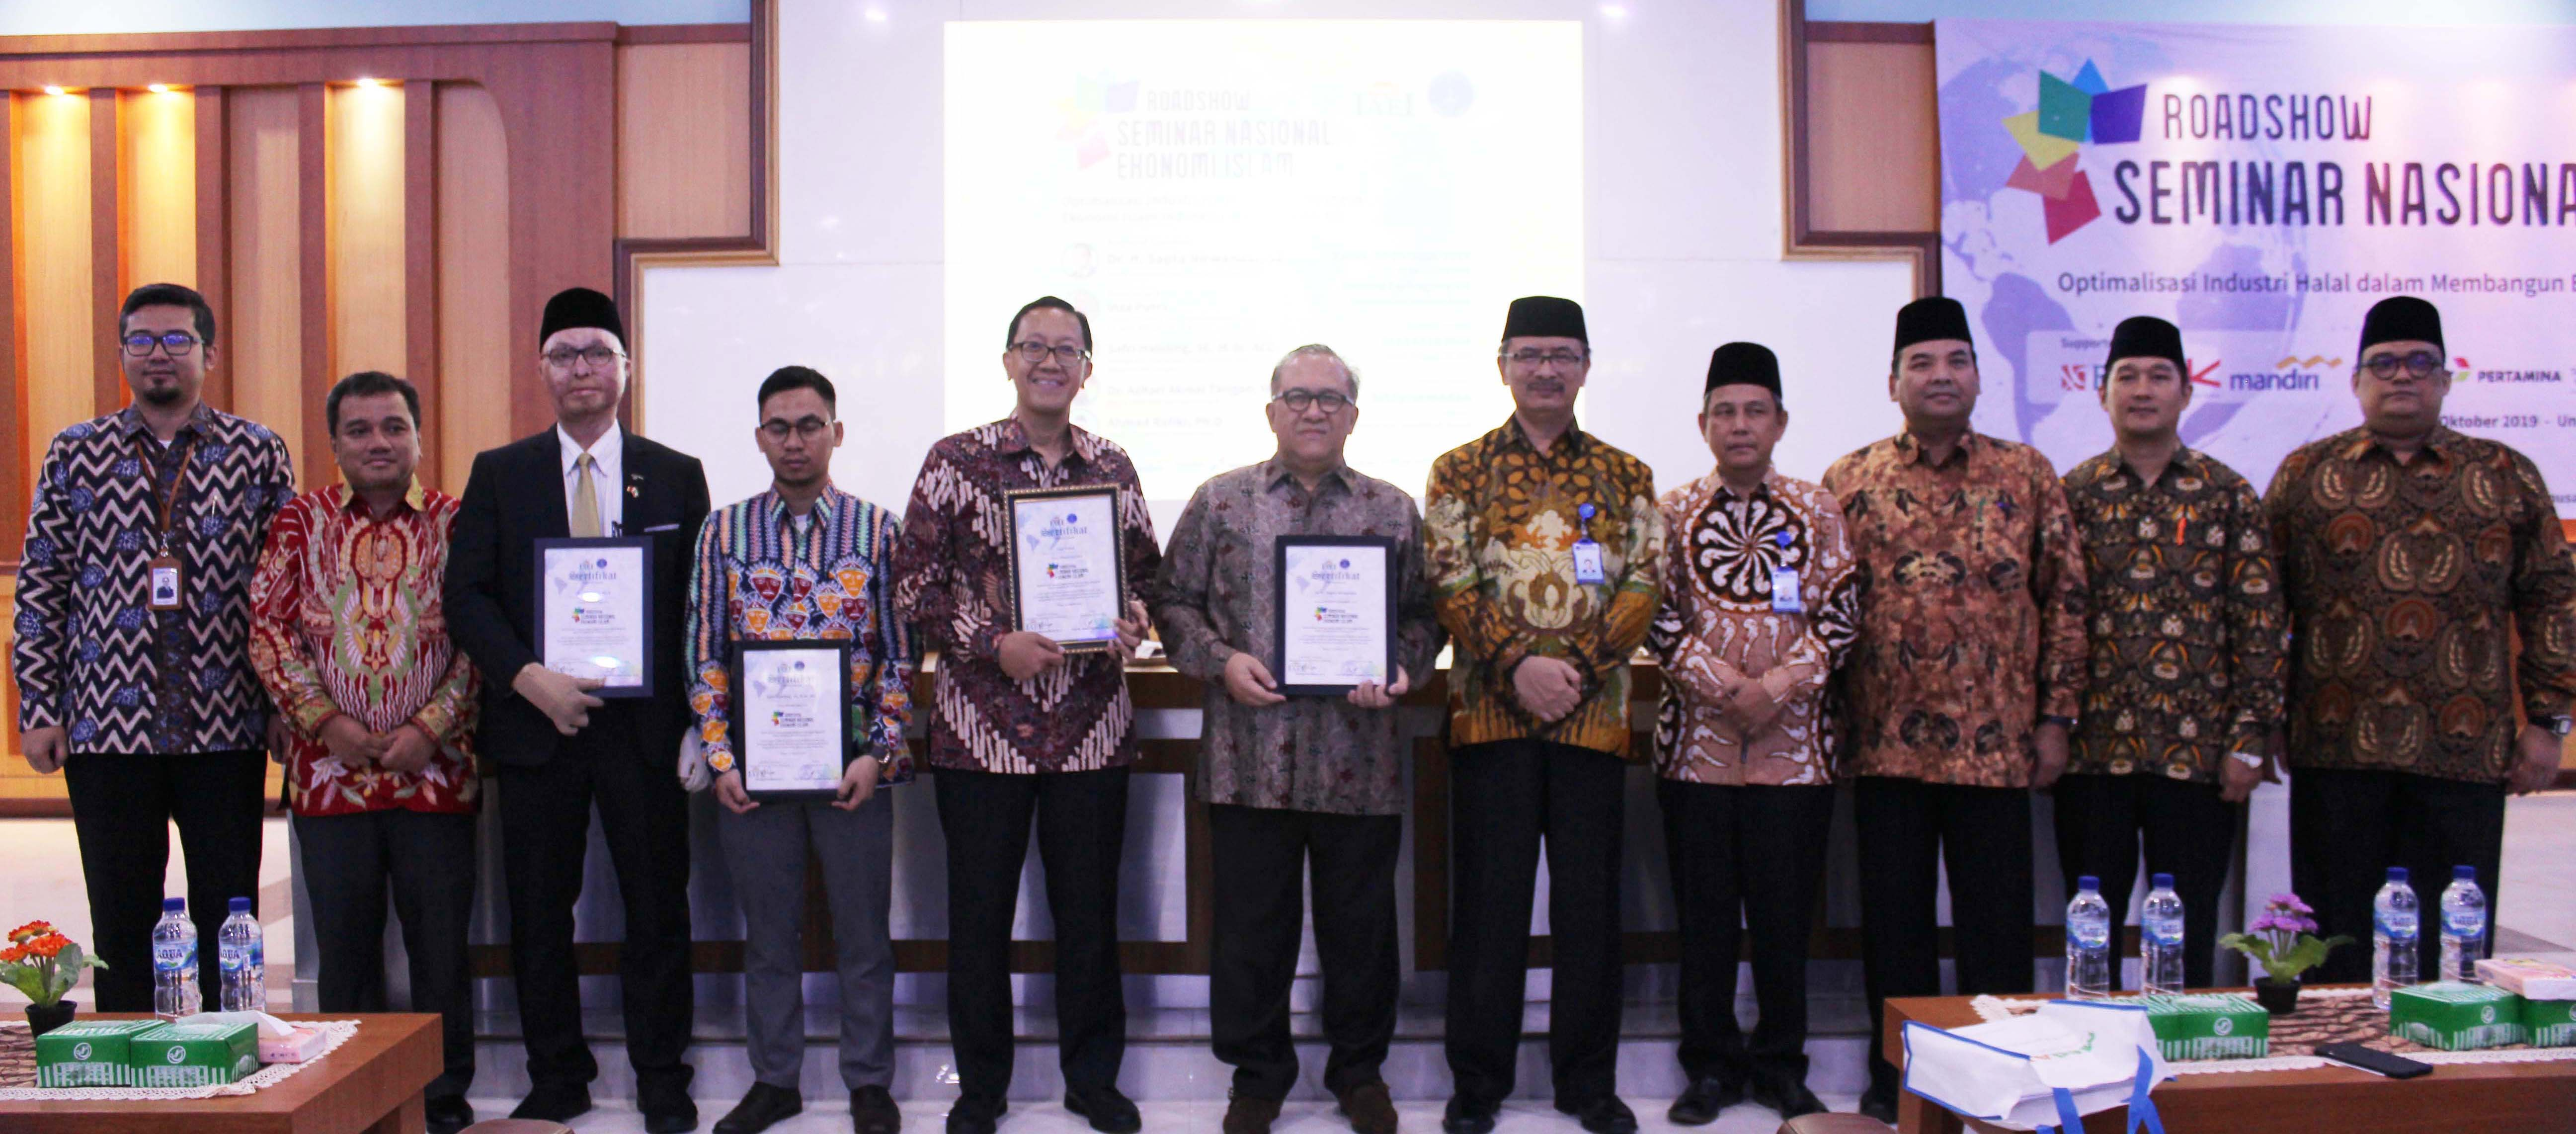 foto-bersama-delegasi-iaei-dengan-rektor-uma.jpg